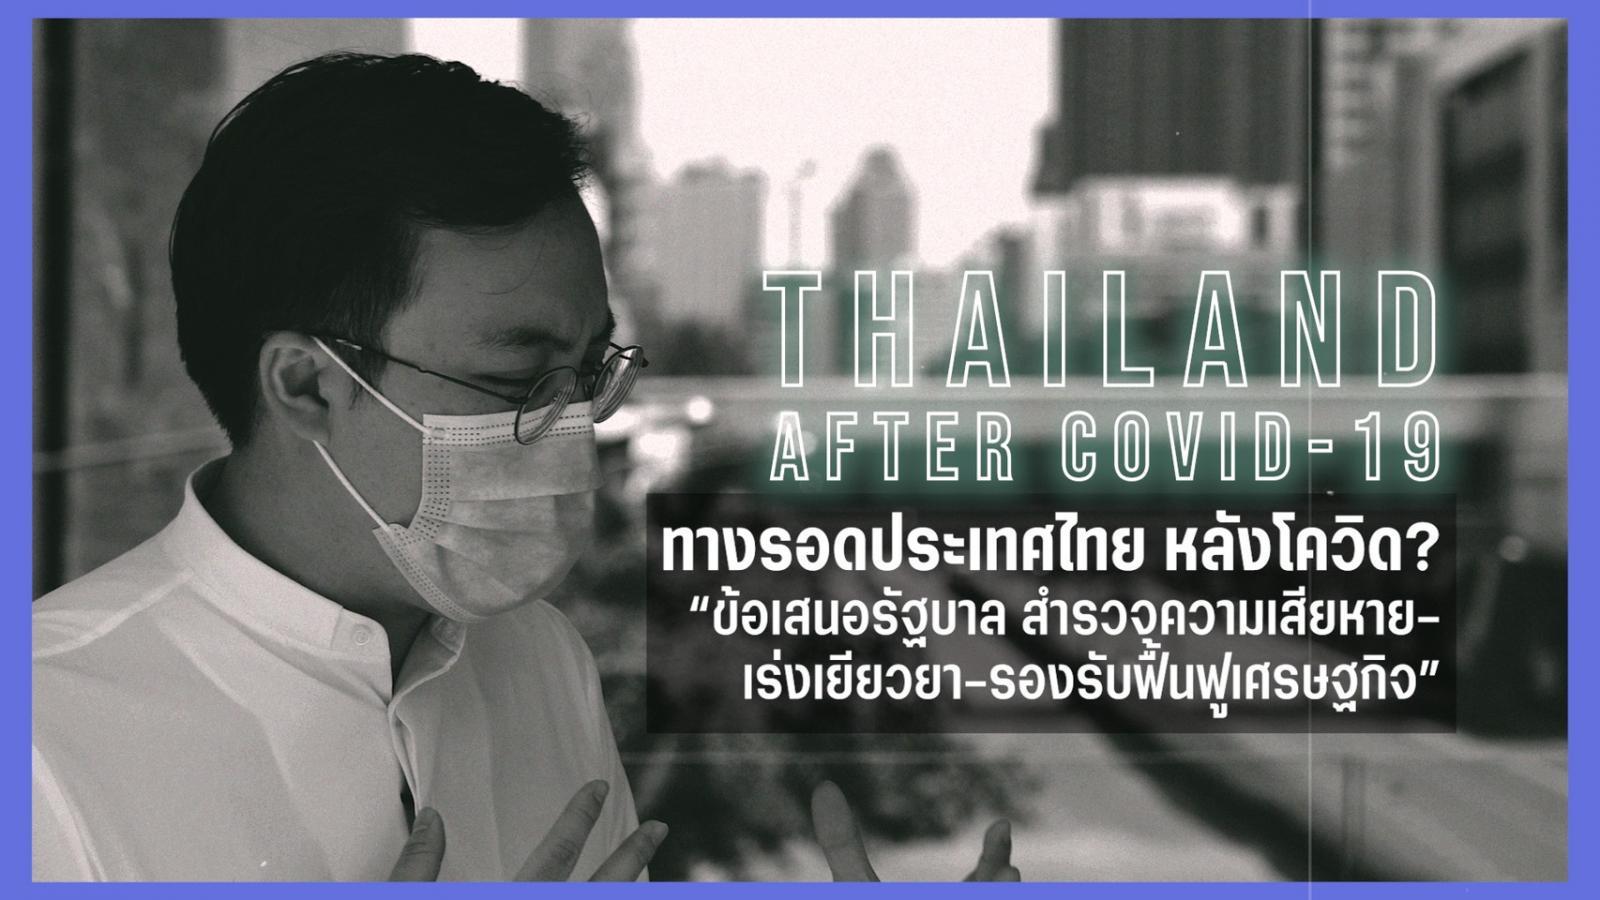 เพื่อไทยพลัส เสนอ 5 ข้อช่วยประชาชน ชี้ เยียวยา 5,000 ไม่พอ